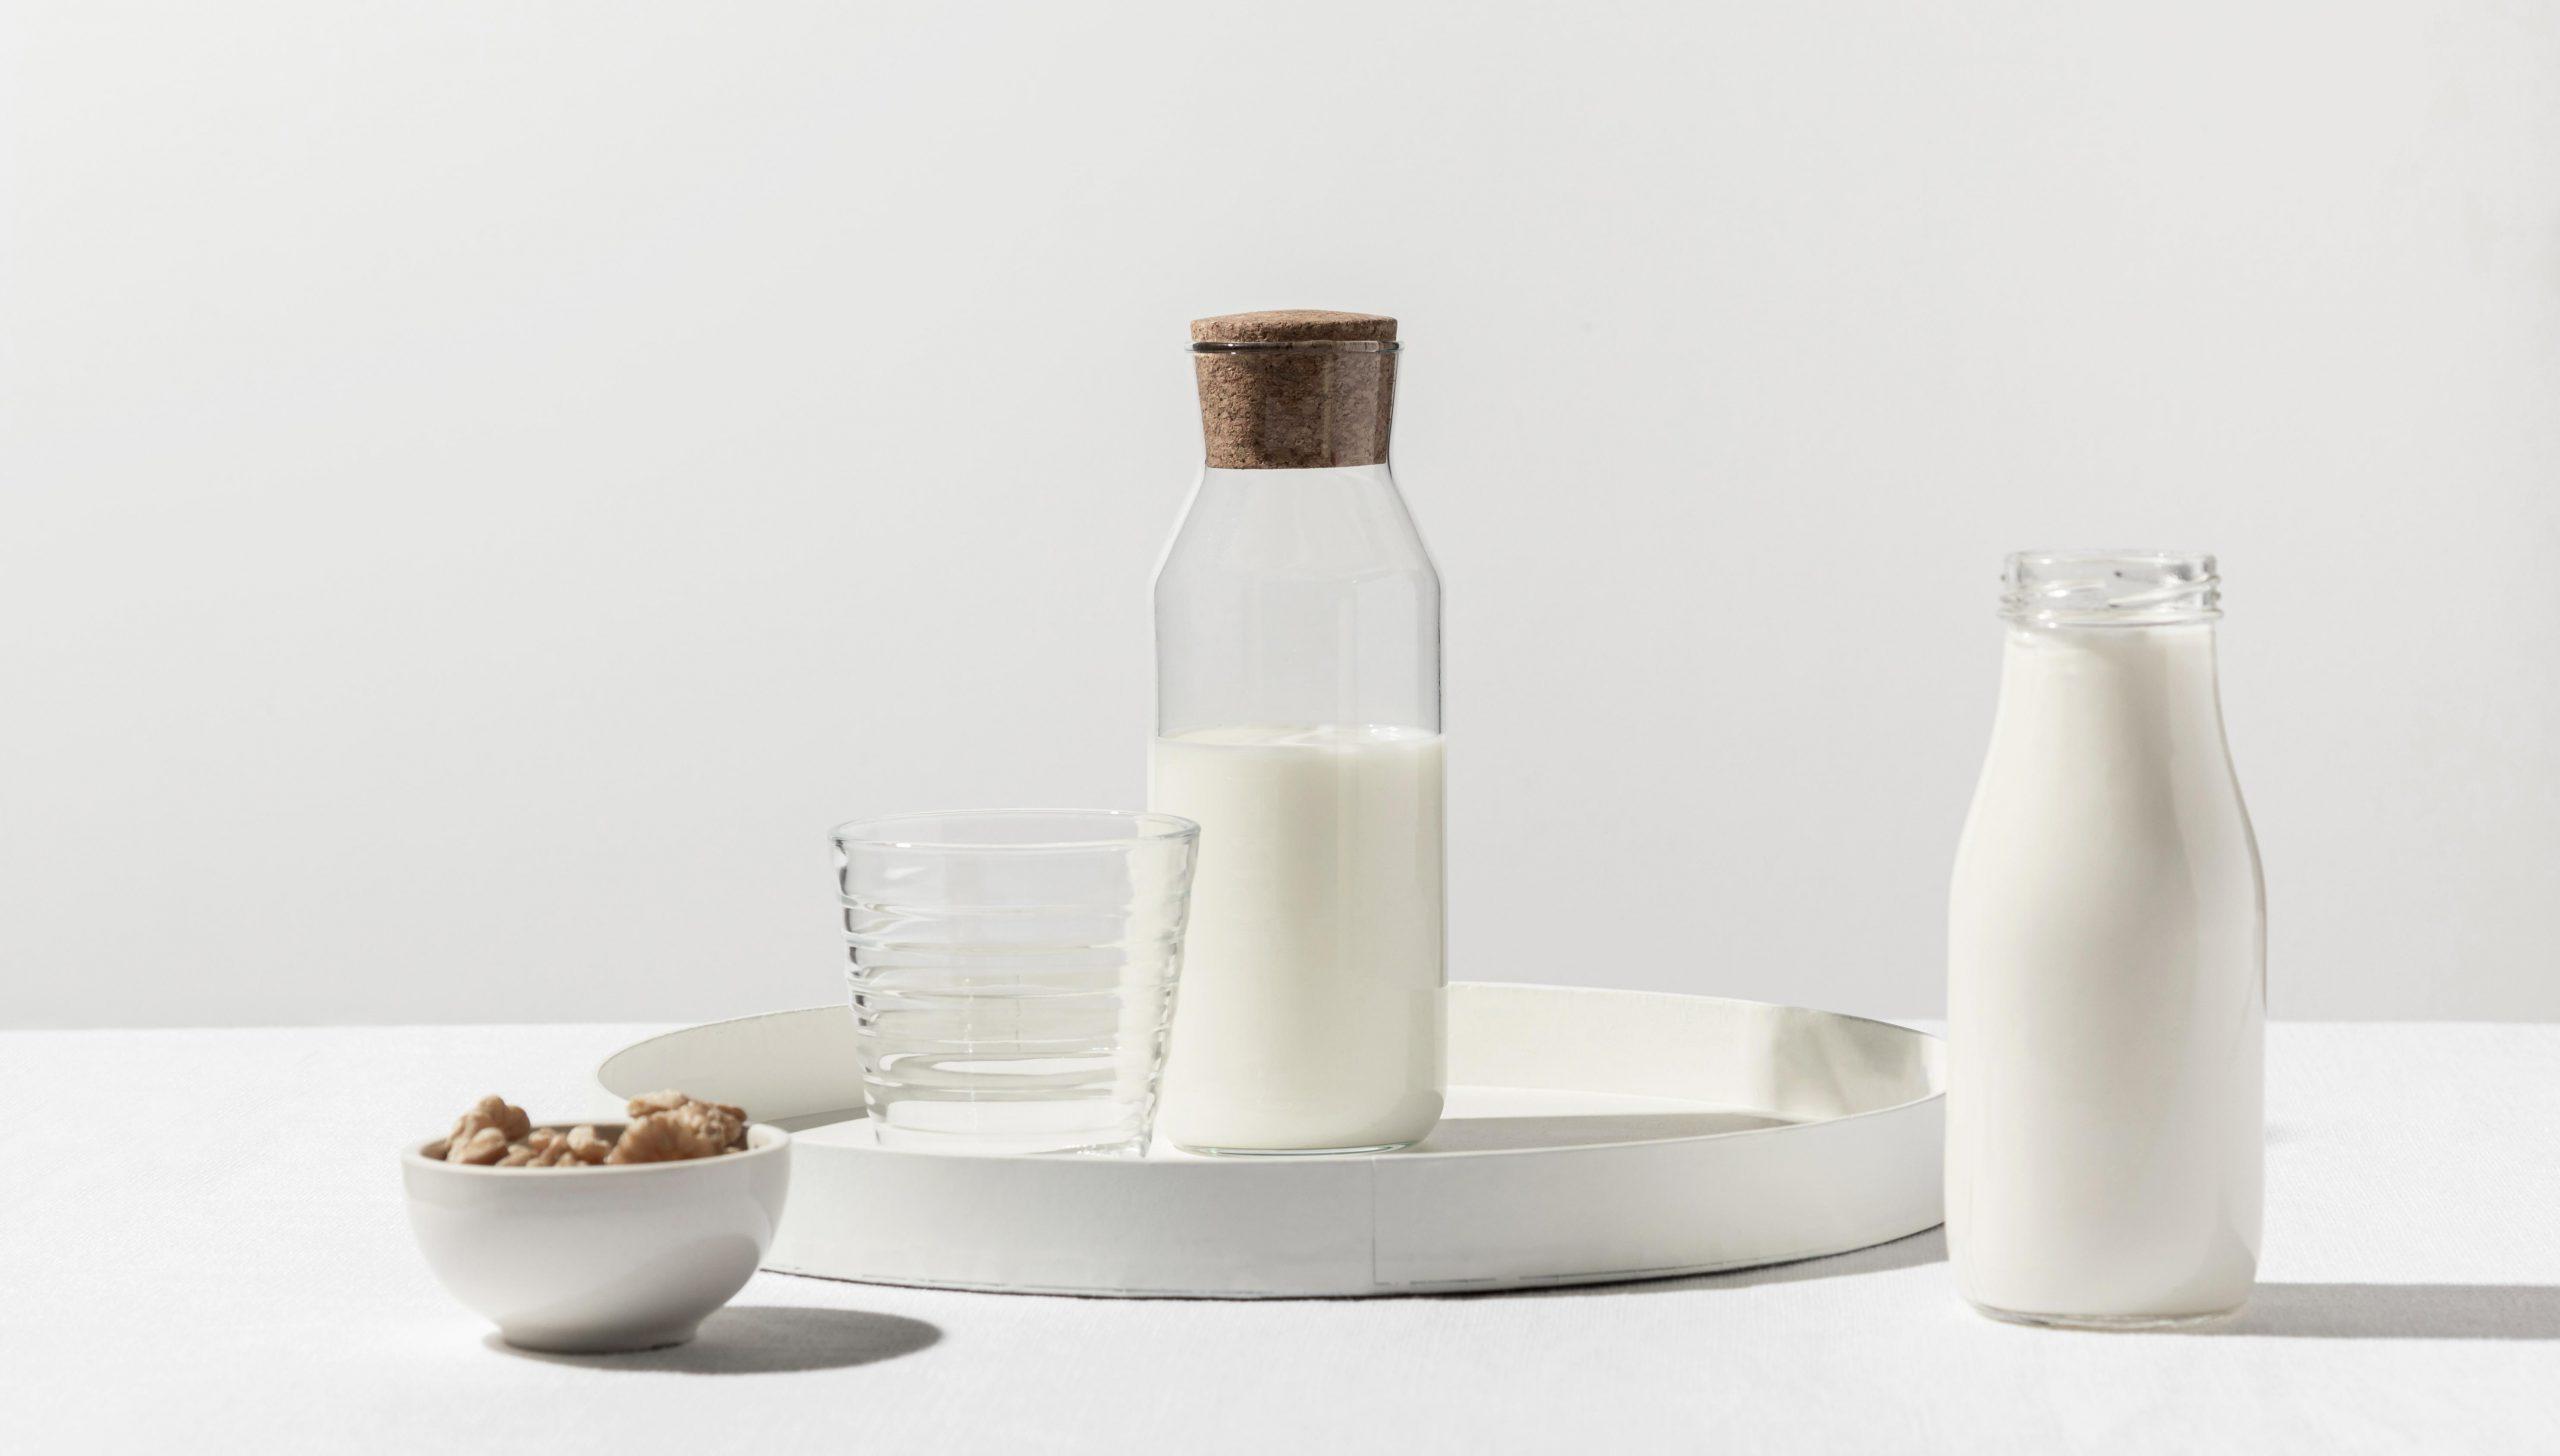 Mengenal Apa Saja Jenis Susu yang Biasa Kita Konsumsi